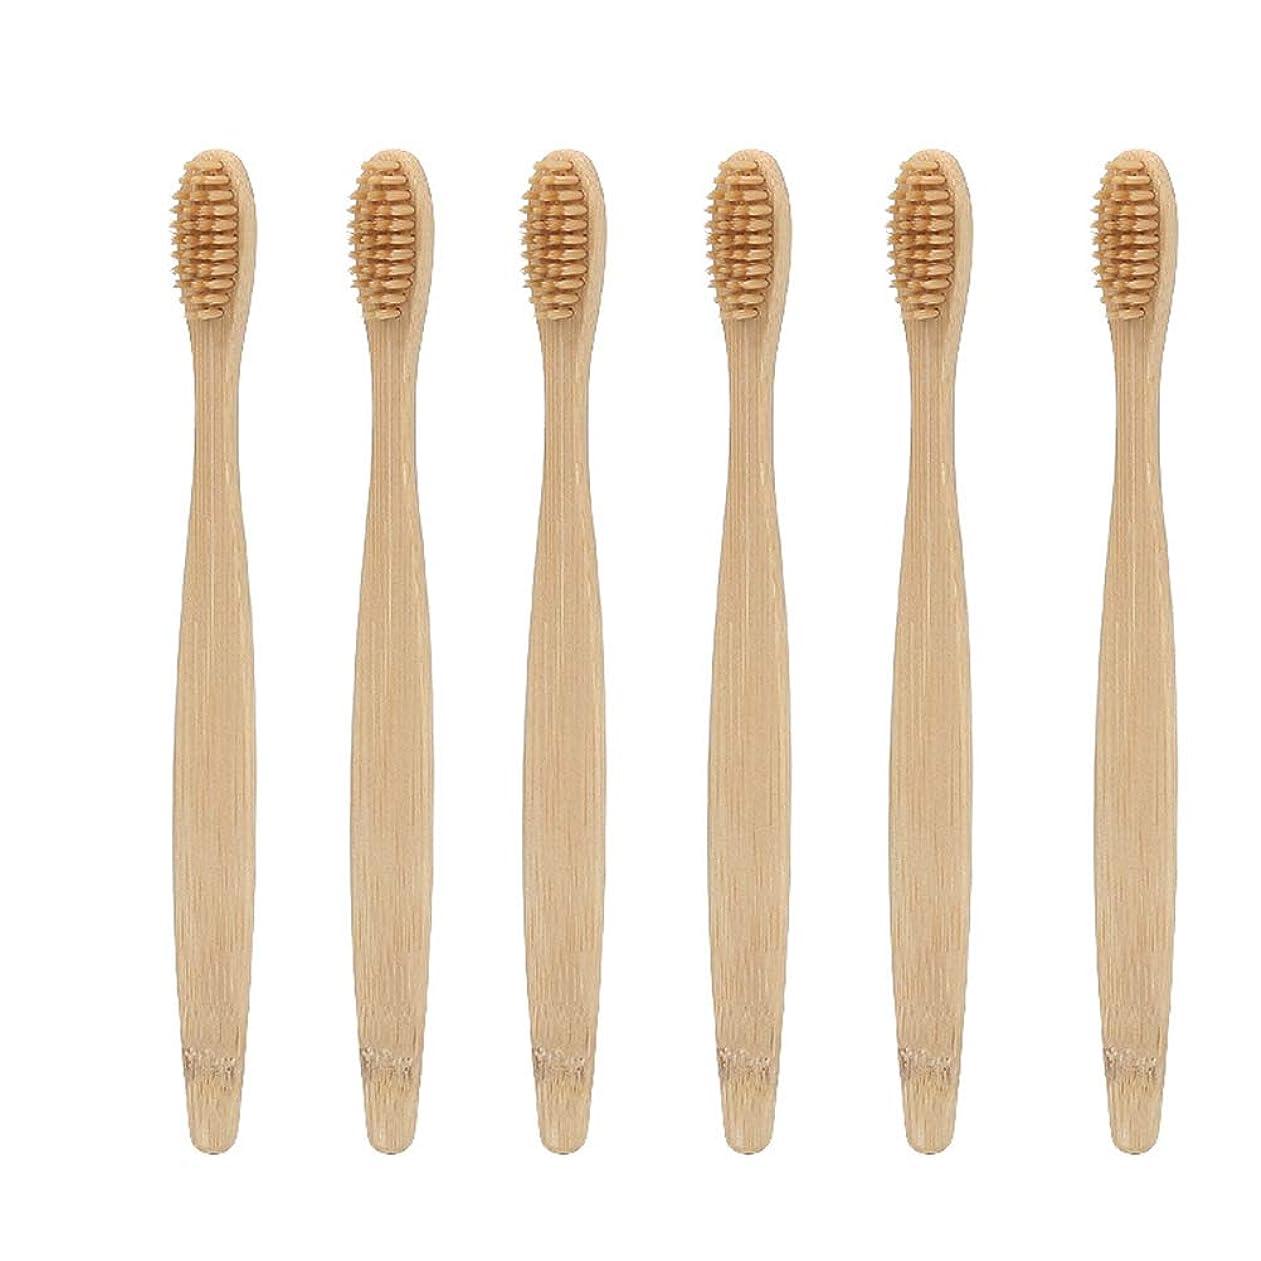 ボーナス活発切り離すHealifty 子供の大人のための12PCS天然竹製の歯ブラシ環境に優しい柔らかい歯ブラシ(ベージュ)